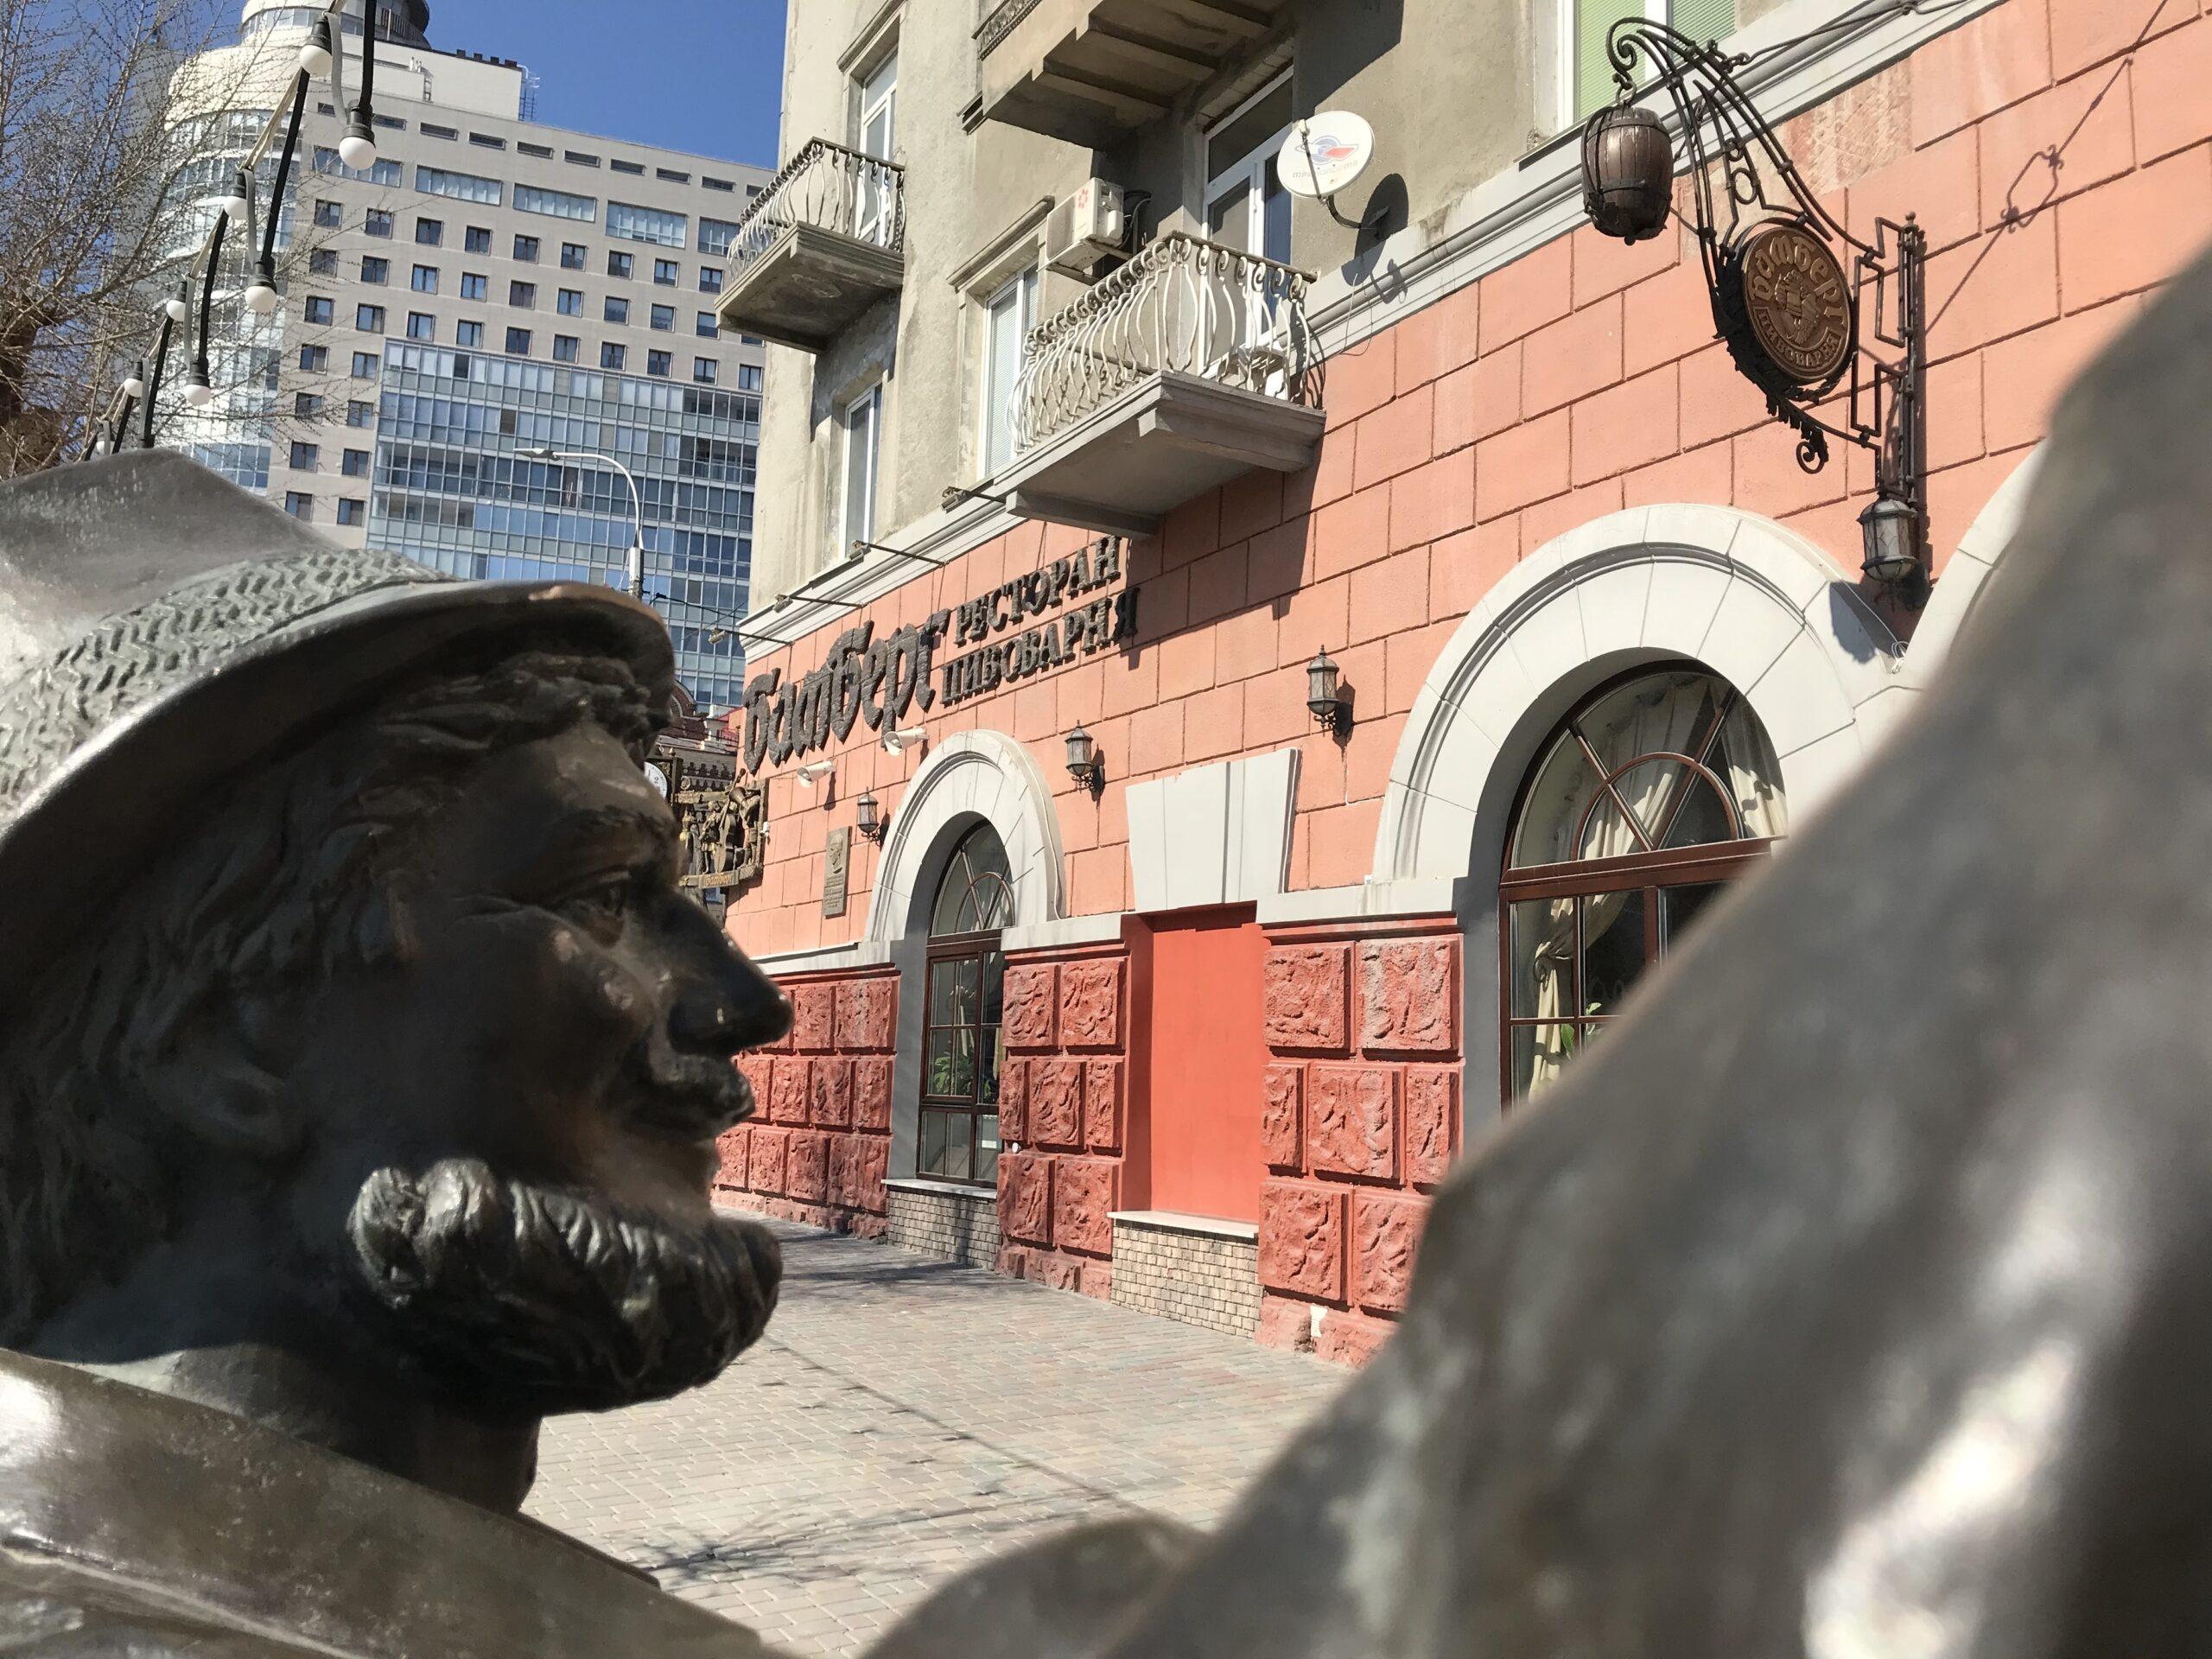 """Ветерана ВОВ возмутило соседство немецкого ресторана """"Бамберг"""" с памятником жертвам бомбардировки Сталинграда"""